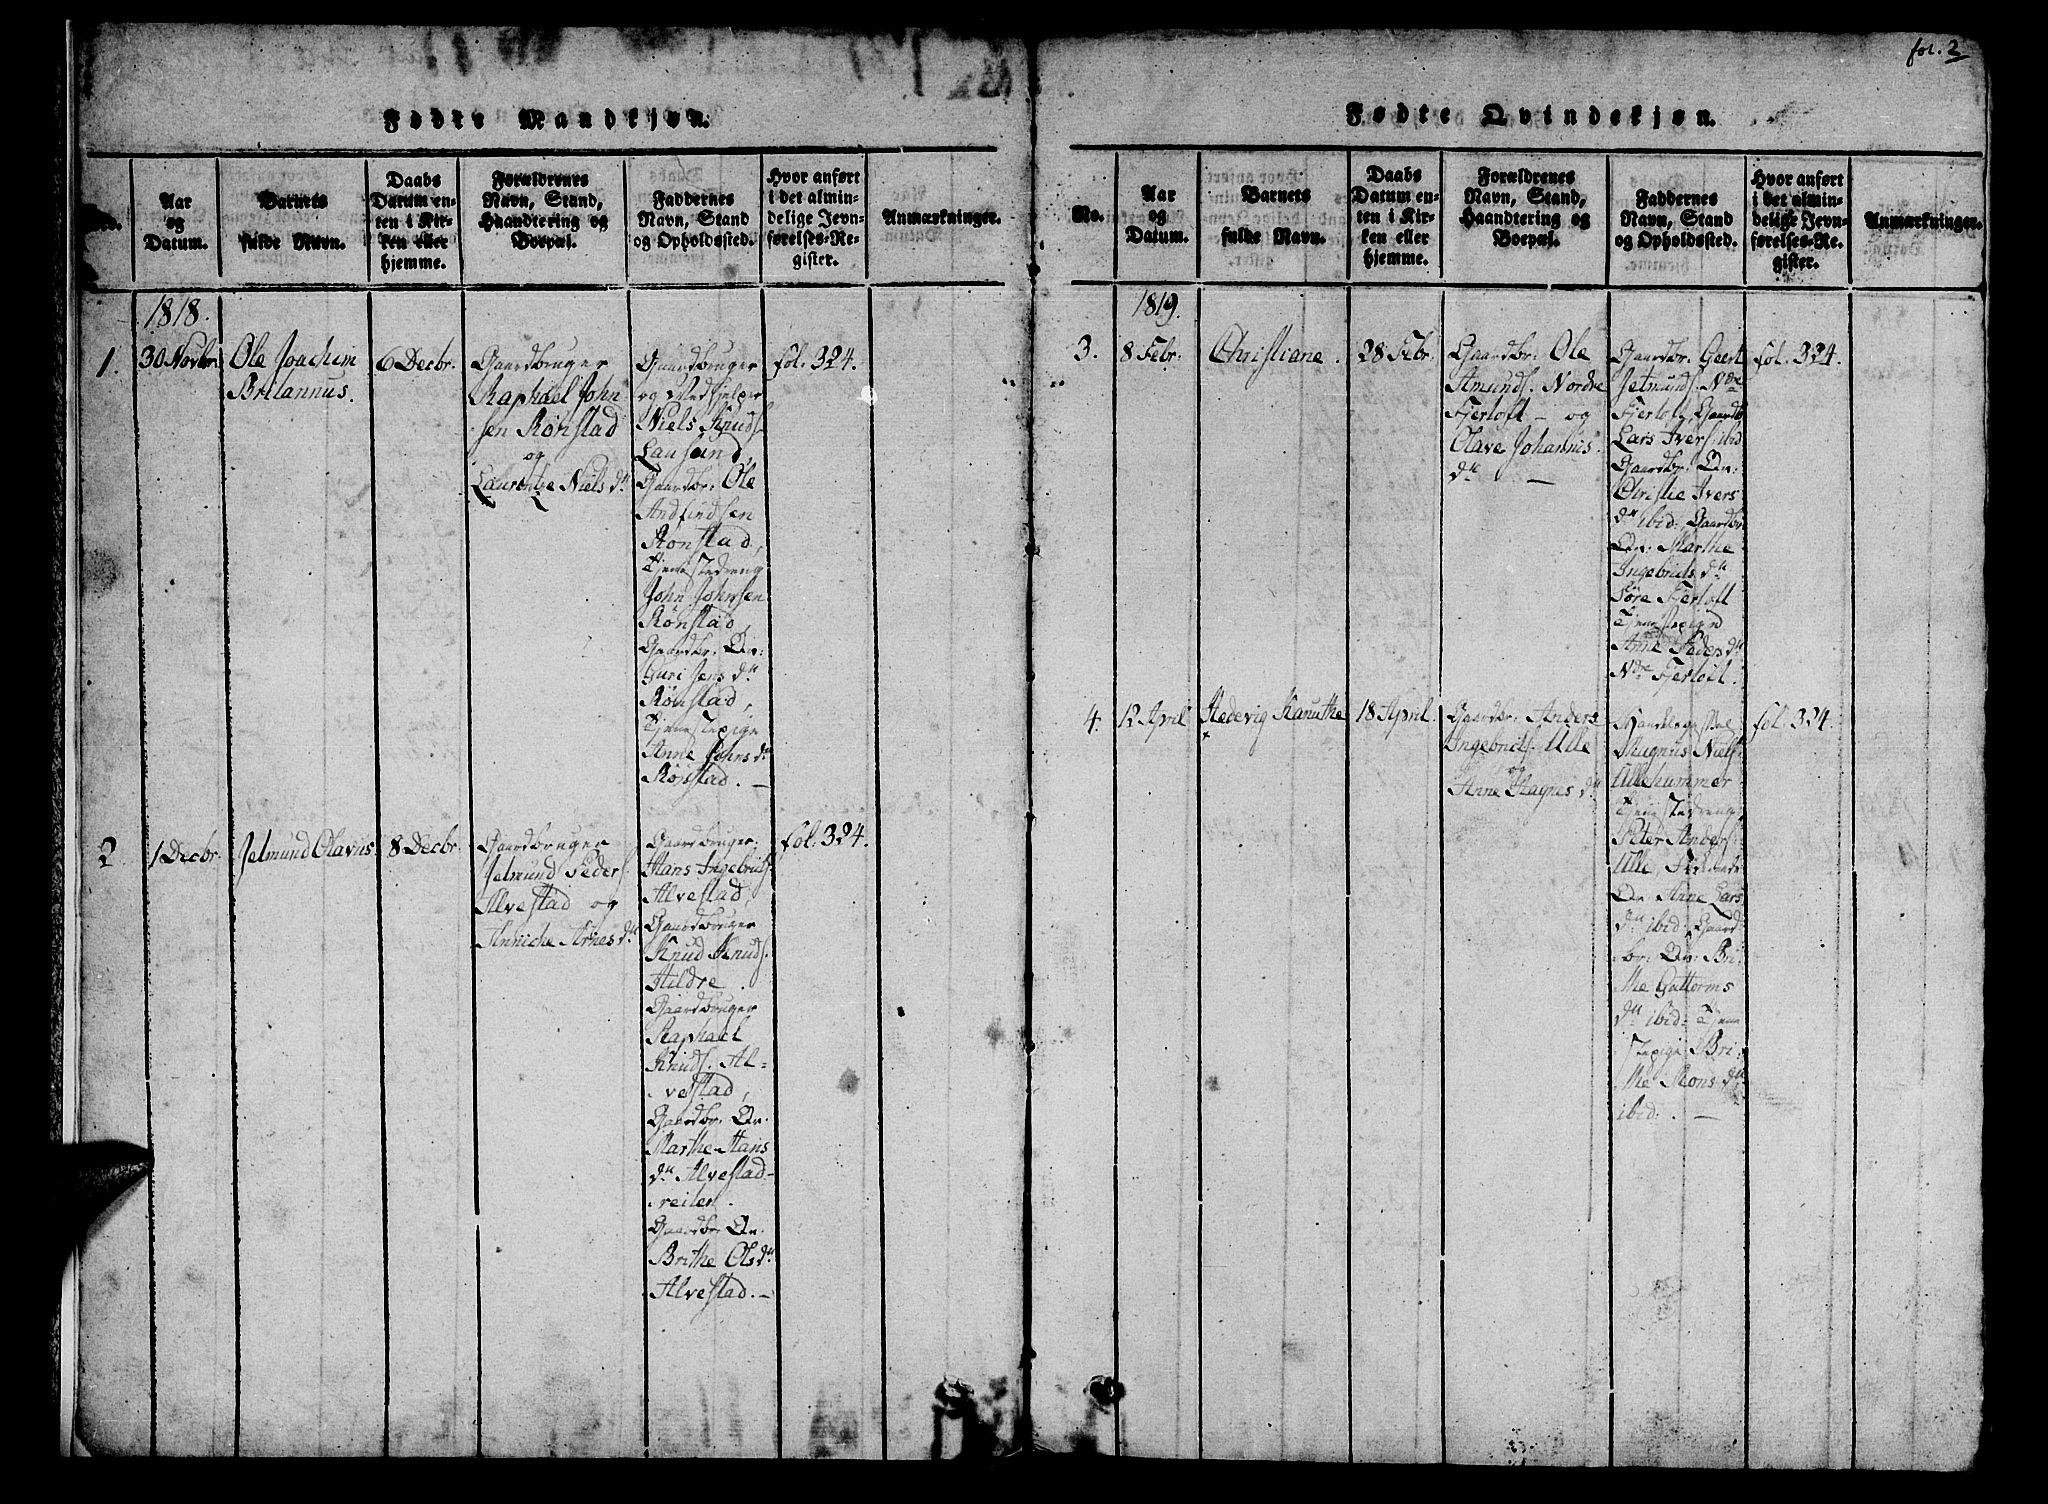 SAT, Ministerialprotokoller, klokkerbøker og fødselsregistre - Møre og Romsdal, 536/L0495: Ministerialbok nr. 536A04, 1818-1847, s. 2